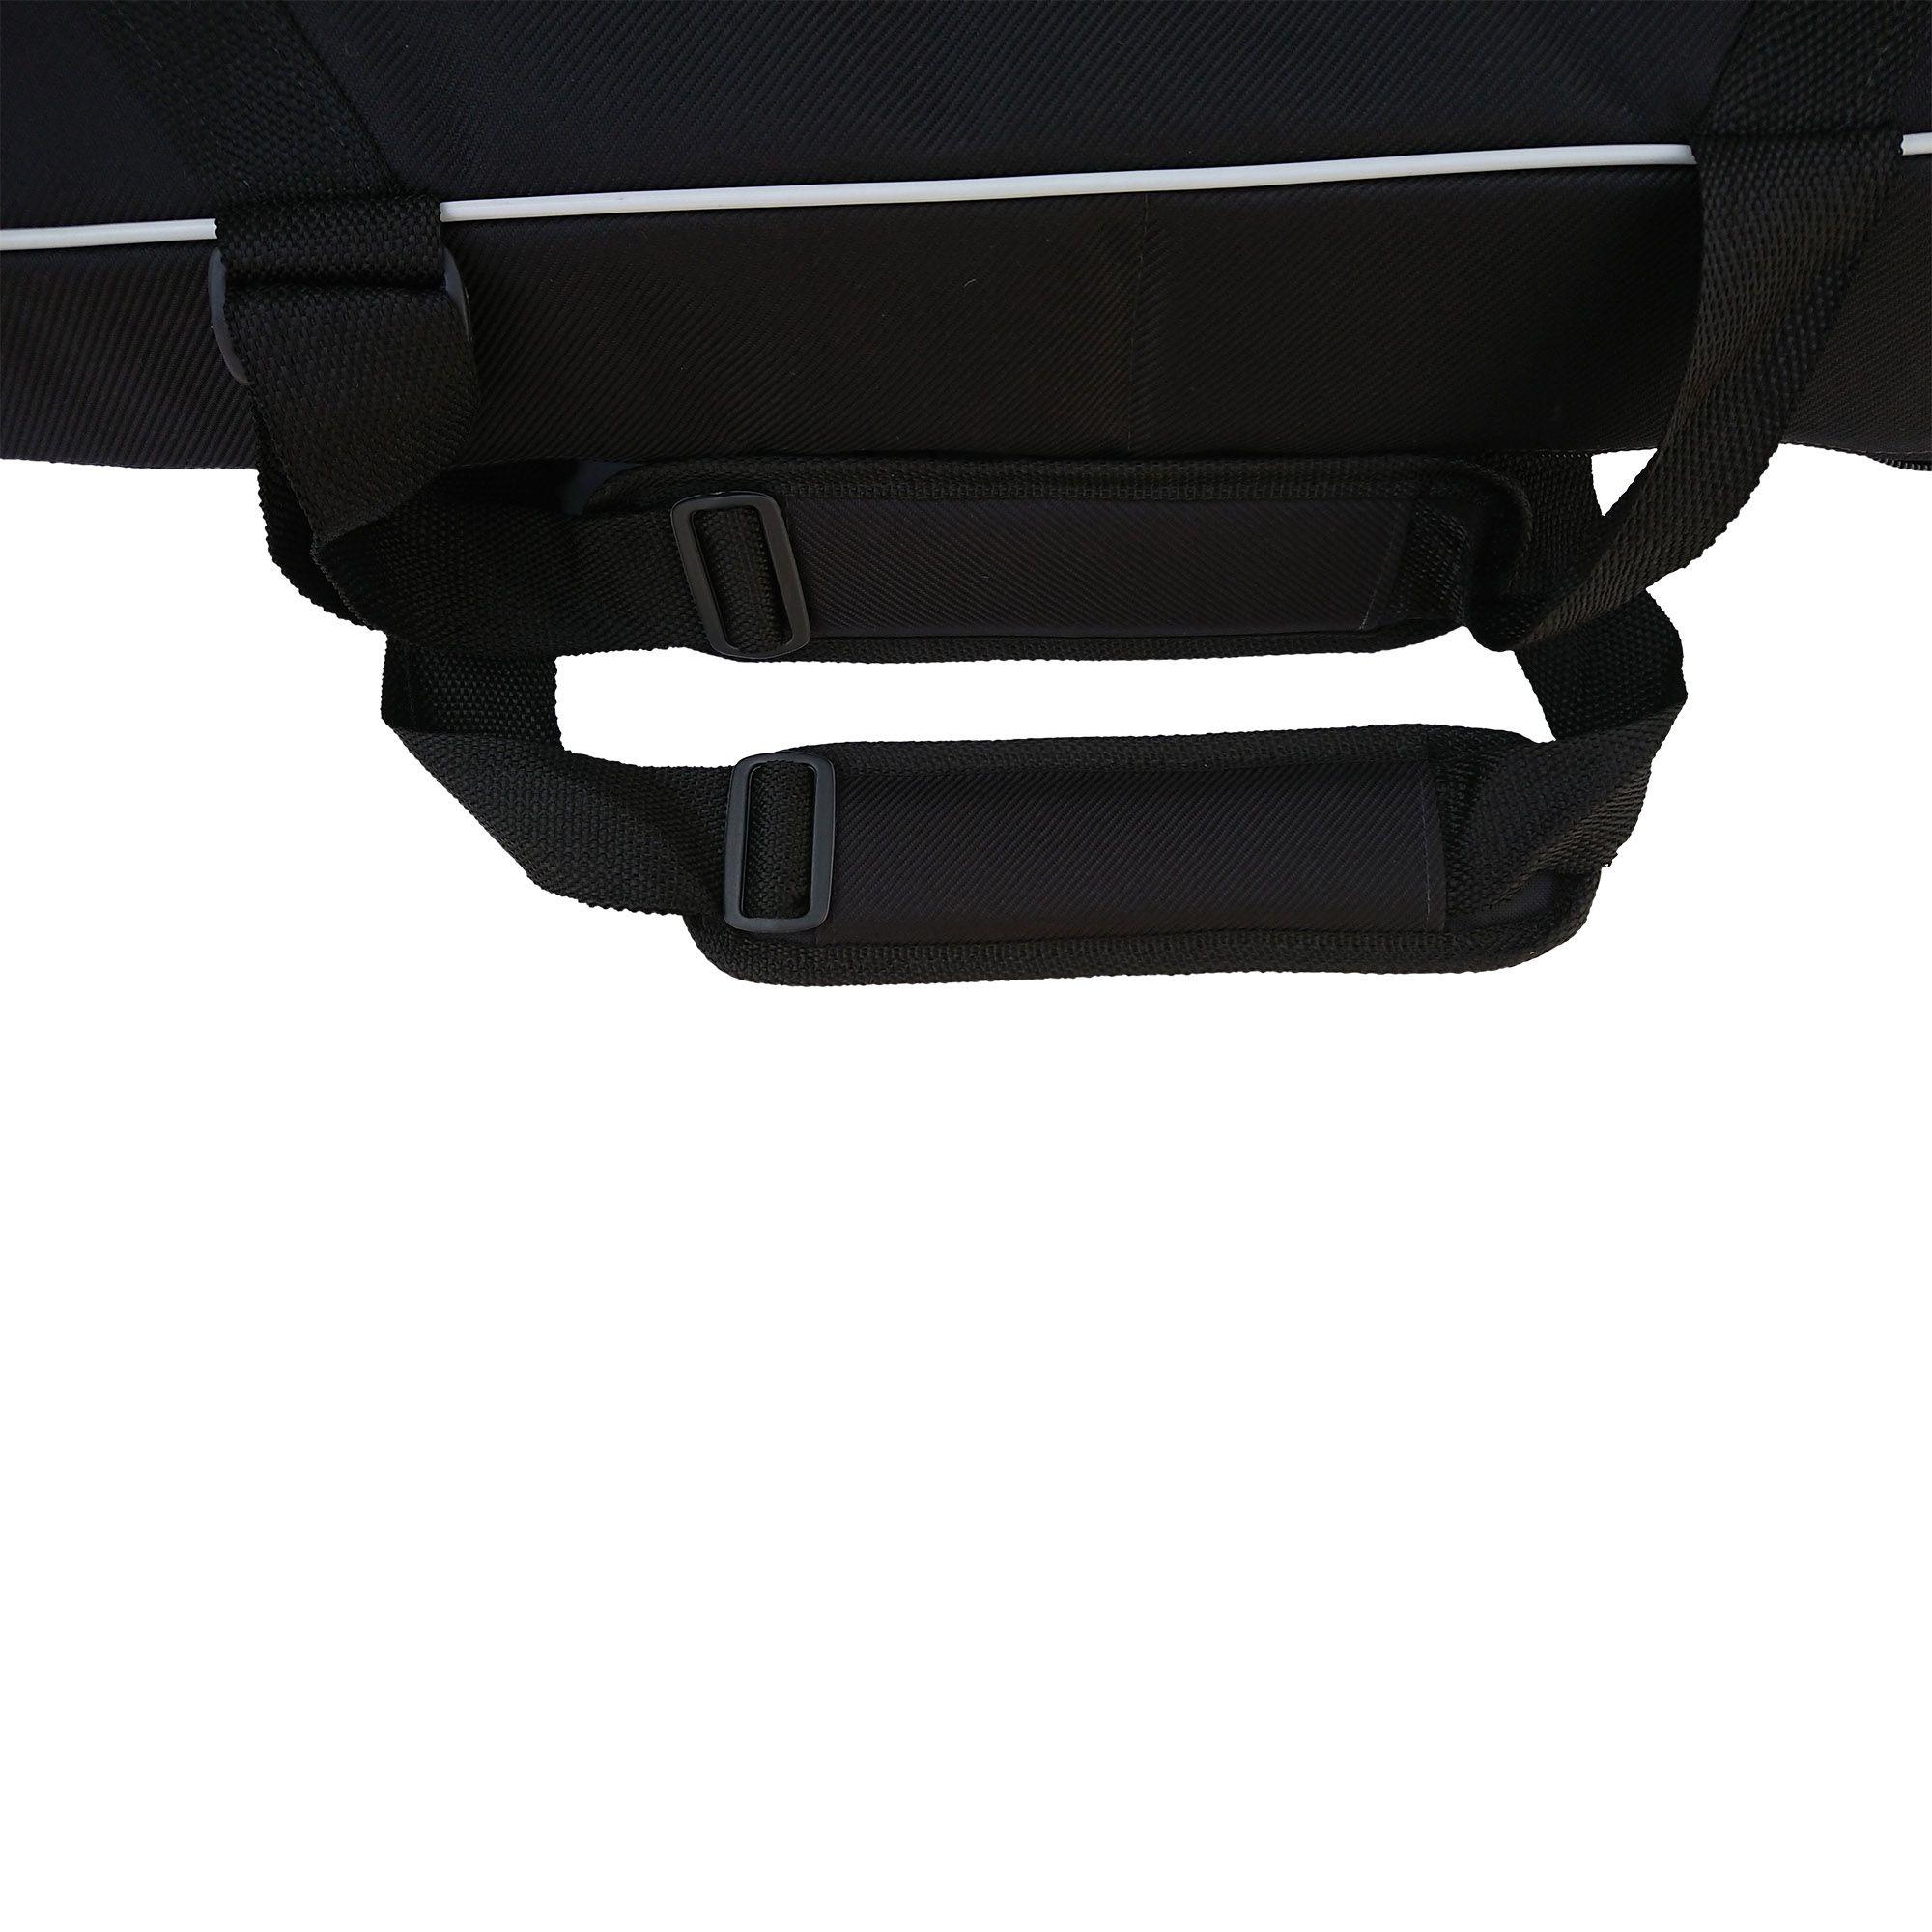 Capa Bag Para Teclado Modelo Semi-case. FA-08, JUNO-DS88, Oxygen 88 e Outros (142x35x15)